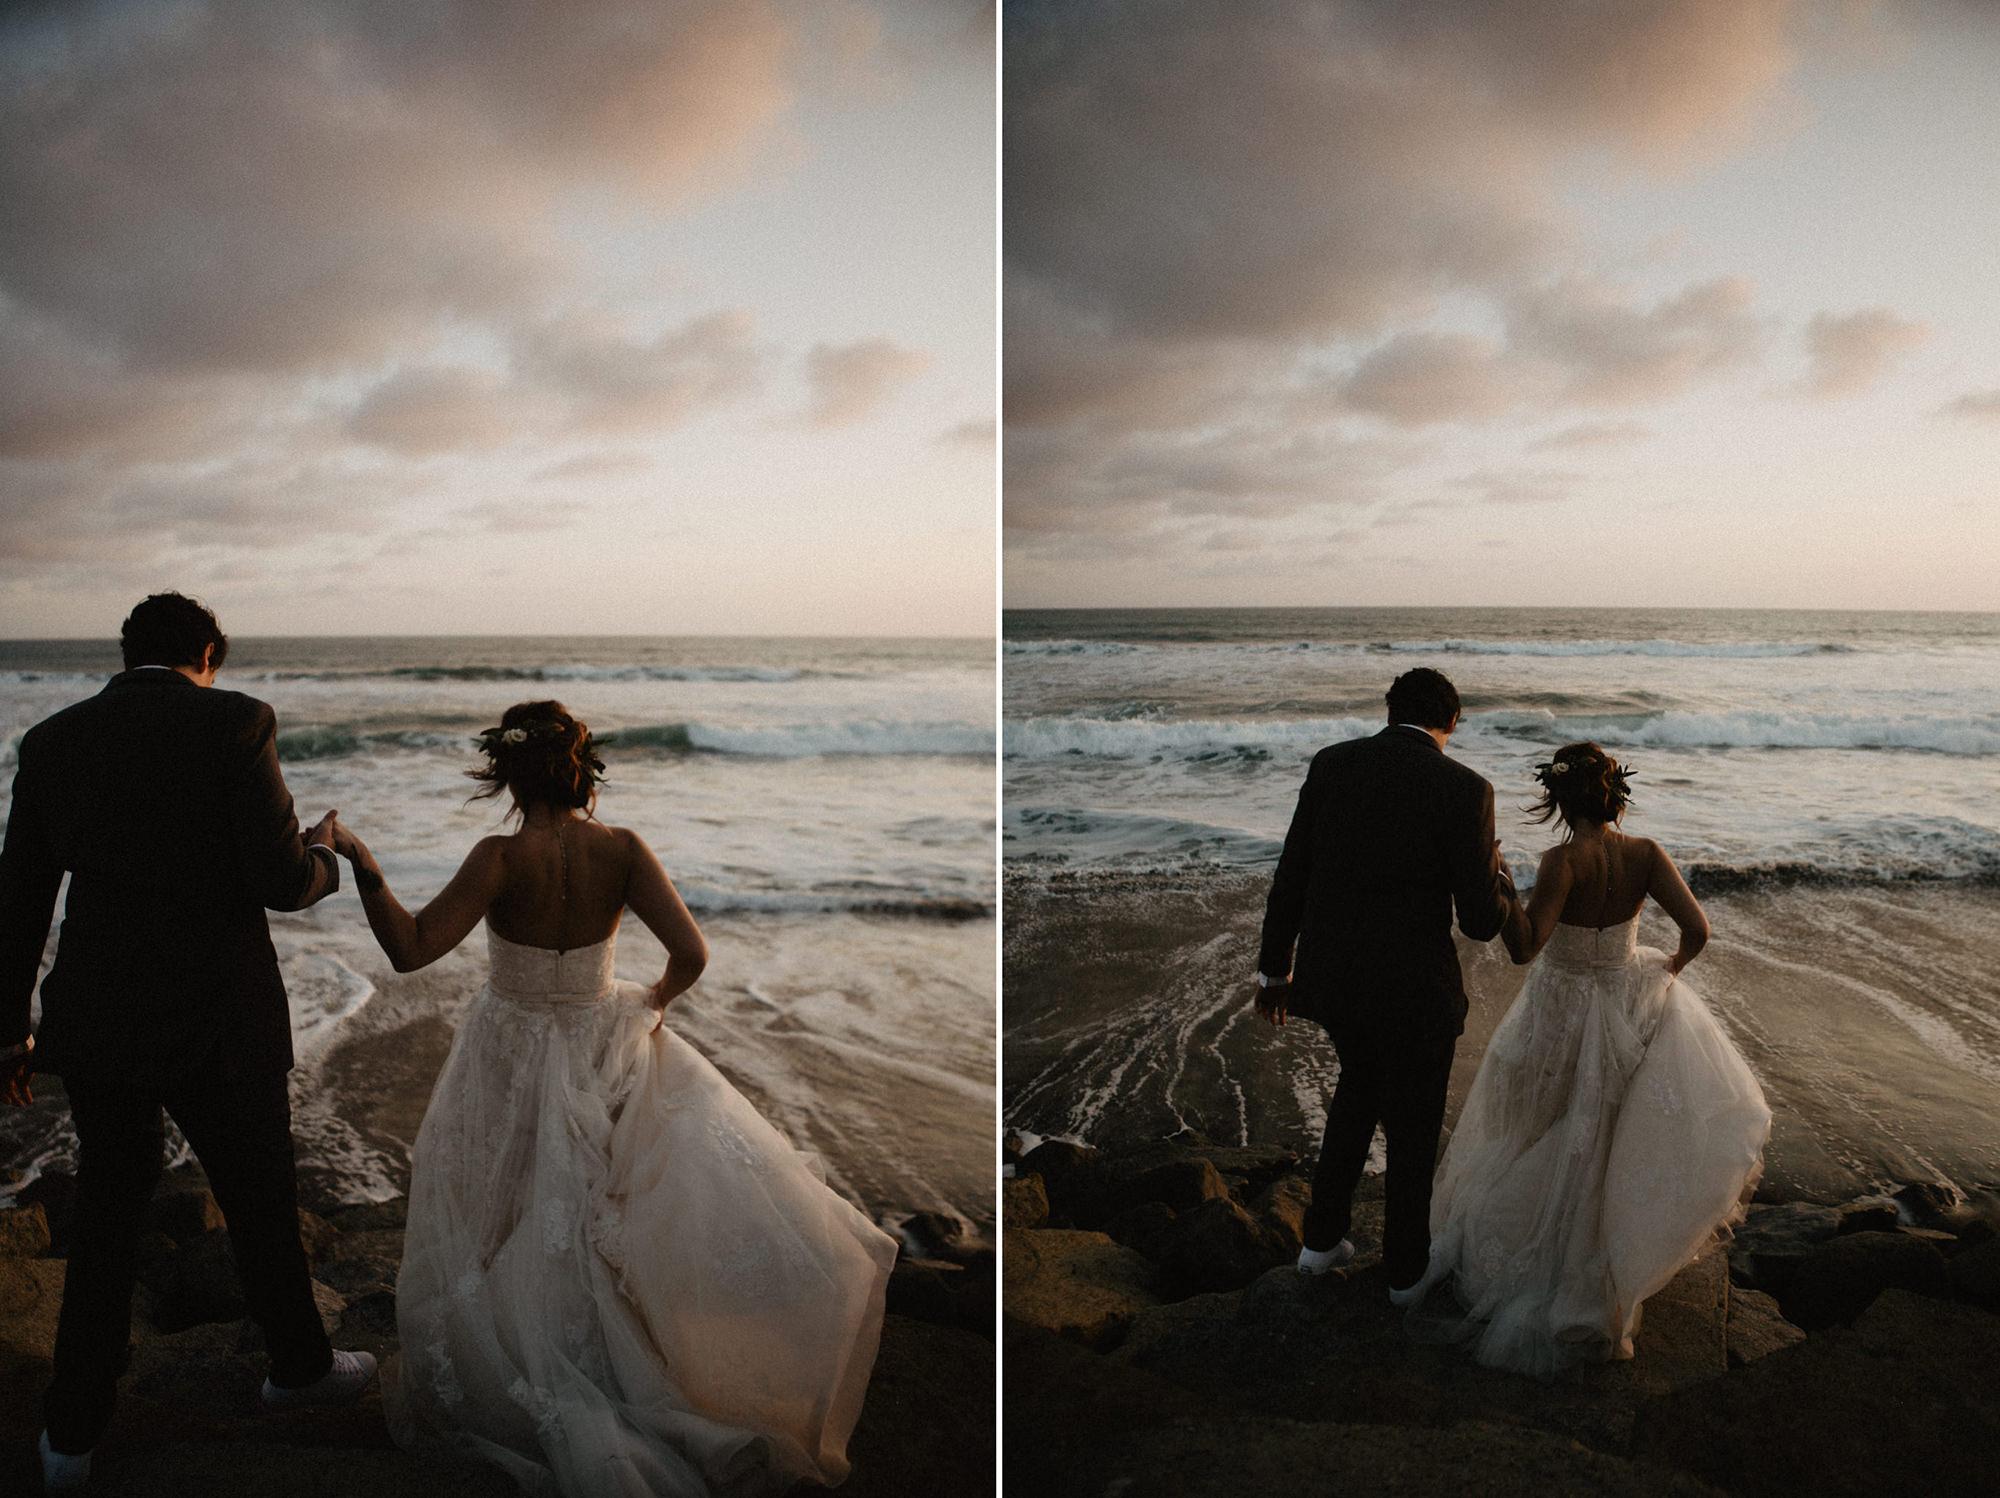 oceanside_airbnb_wedding-58.jpg